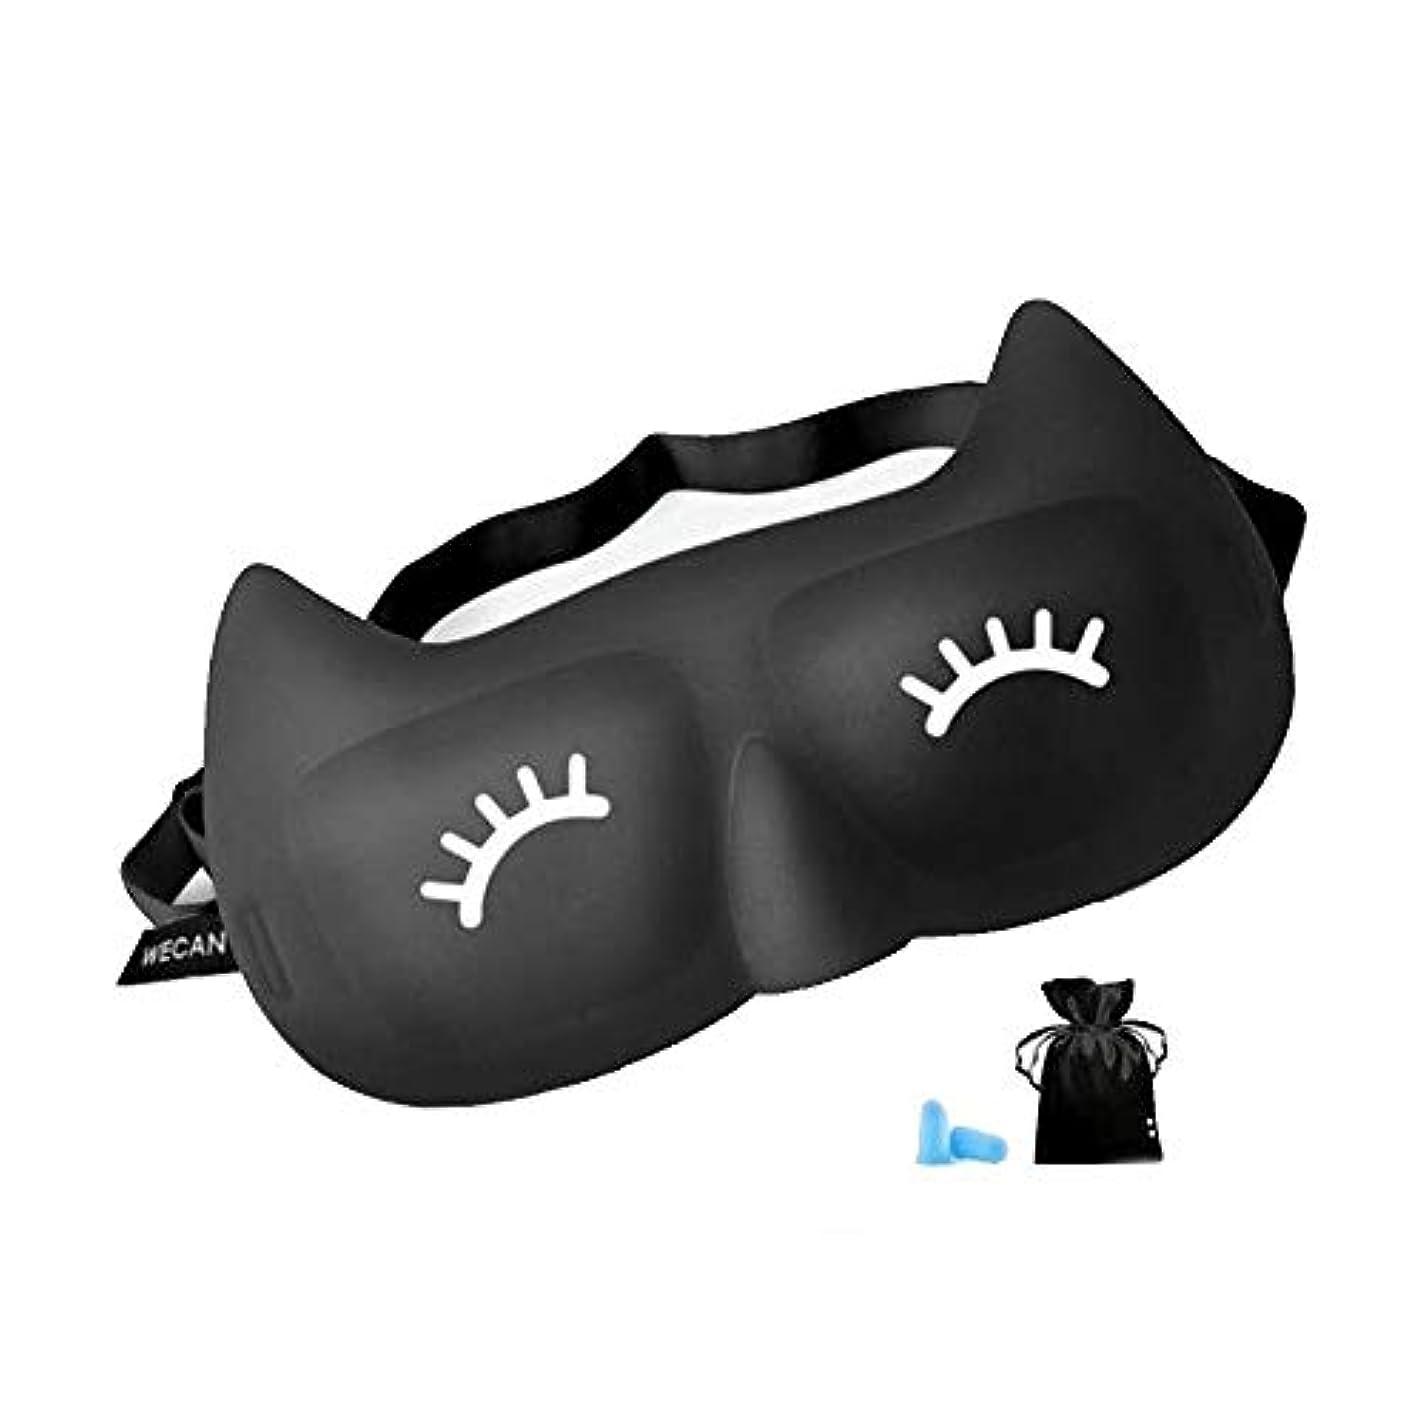 包括的性能パーツHUICHEN 3Dゴーグルゴーグルゴーグル耳栓騒音防止睡眠睡眠睡眠停電ゴーグルの男性と女性の通気性の夏の快適カバーキュートな3次元ゴーグルゴーグル (Color : F)